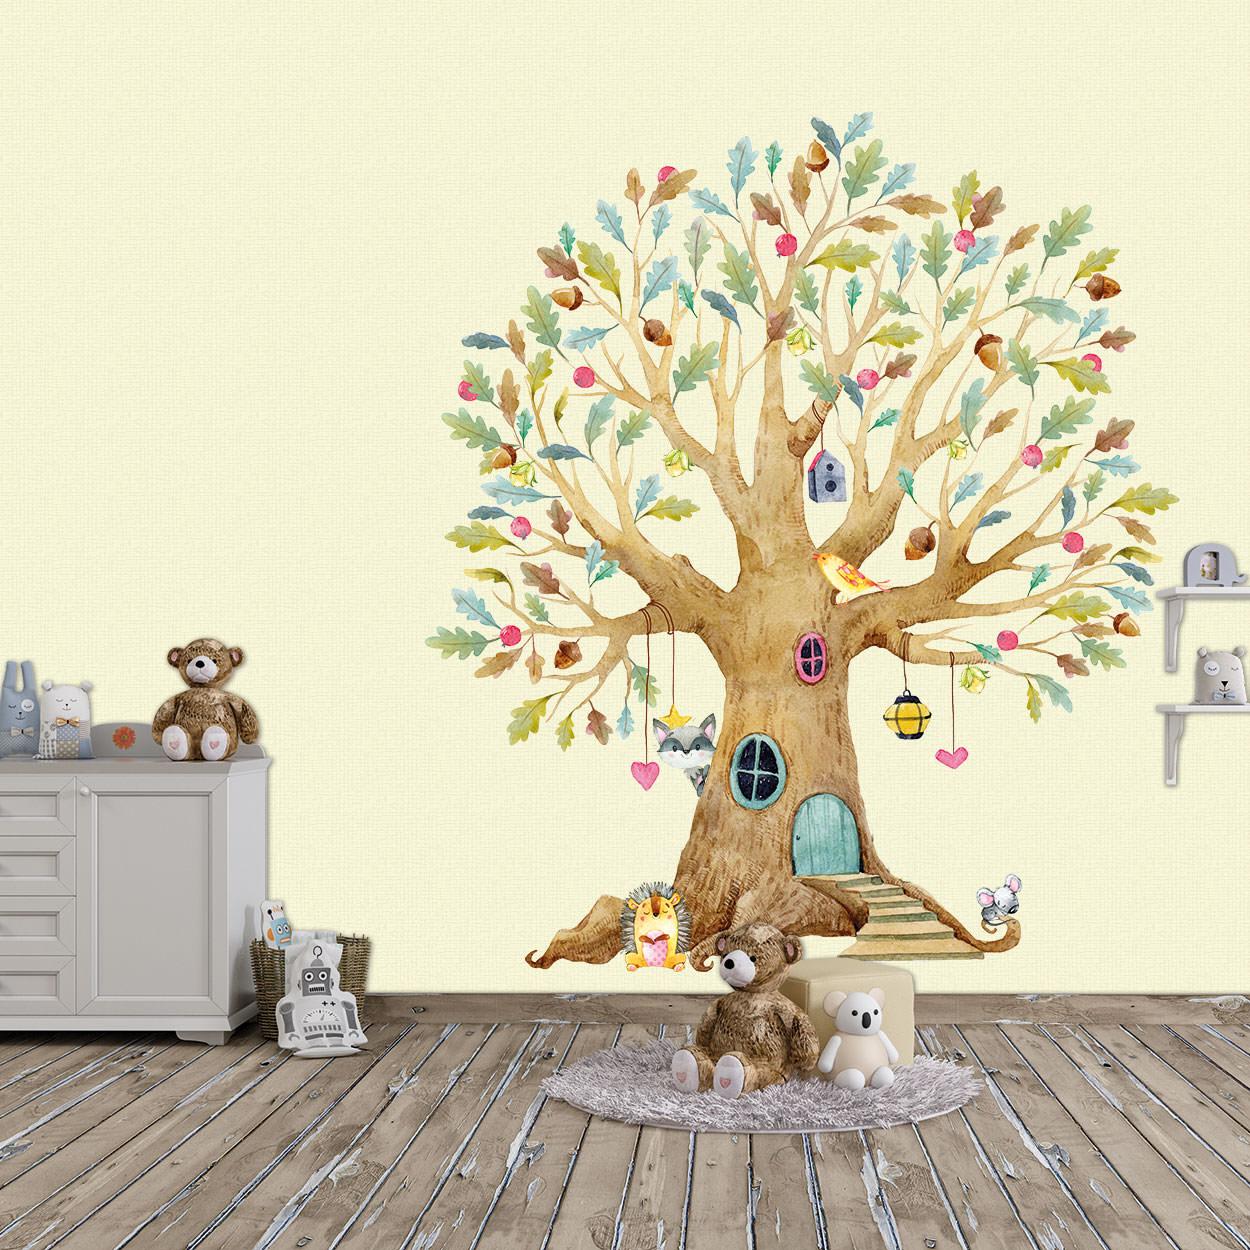 Wandtattoo Aufkleber Herbstbaum Baum mit Igel, Waschbär, Maus und Vogel mit  Blättern